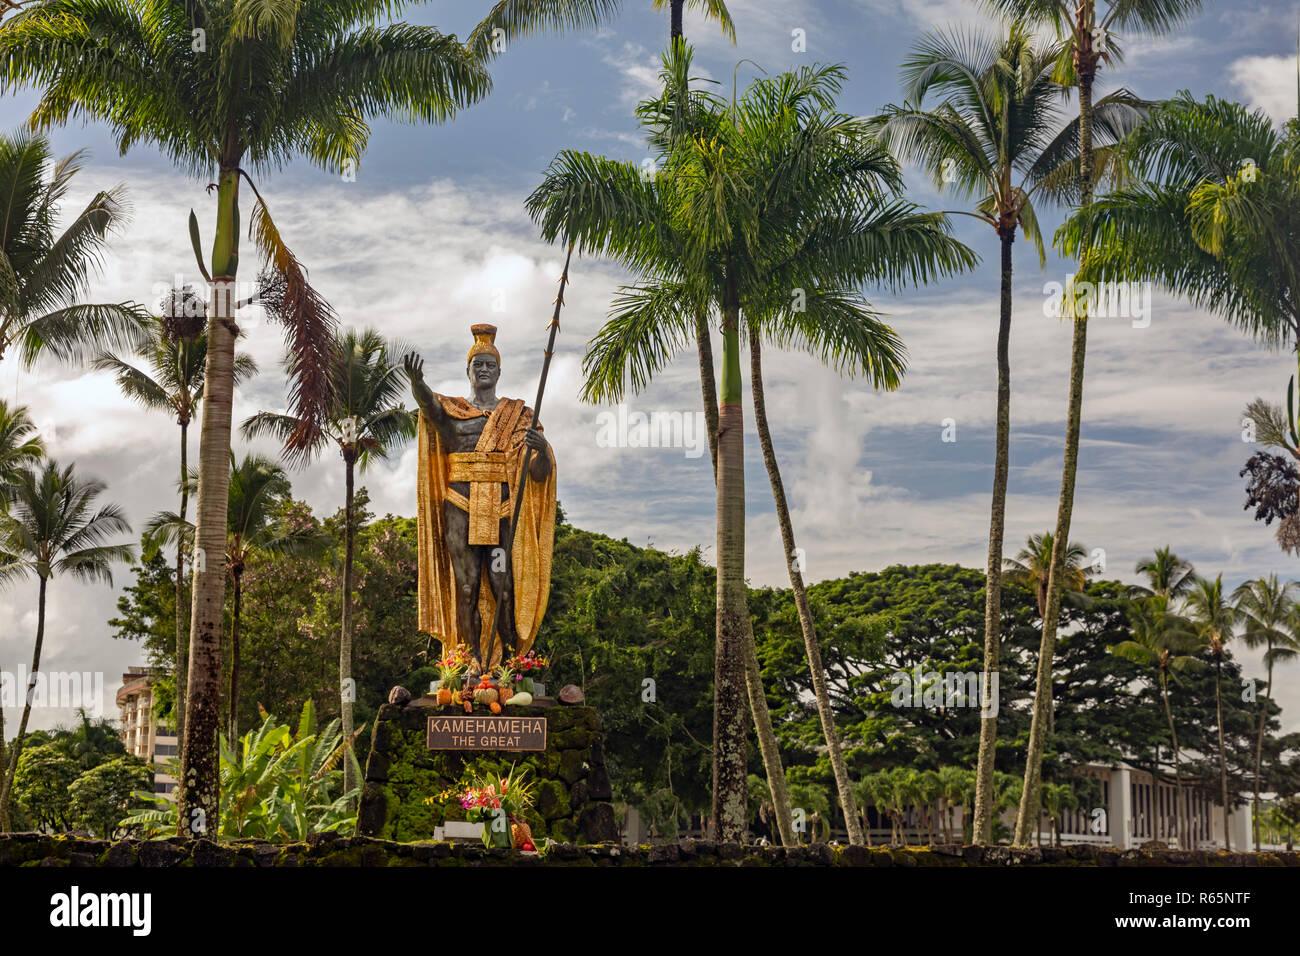 Hilo, Hawaii - una estatua de Kamehameha el Grande en Wailoa River State Park. Kamehameha unificó las islas hawaianas en el Reino de Hawai en 1810 Foto de stock